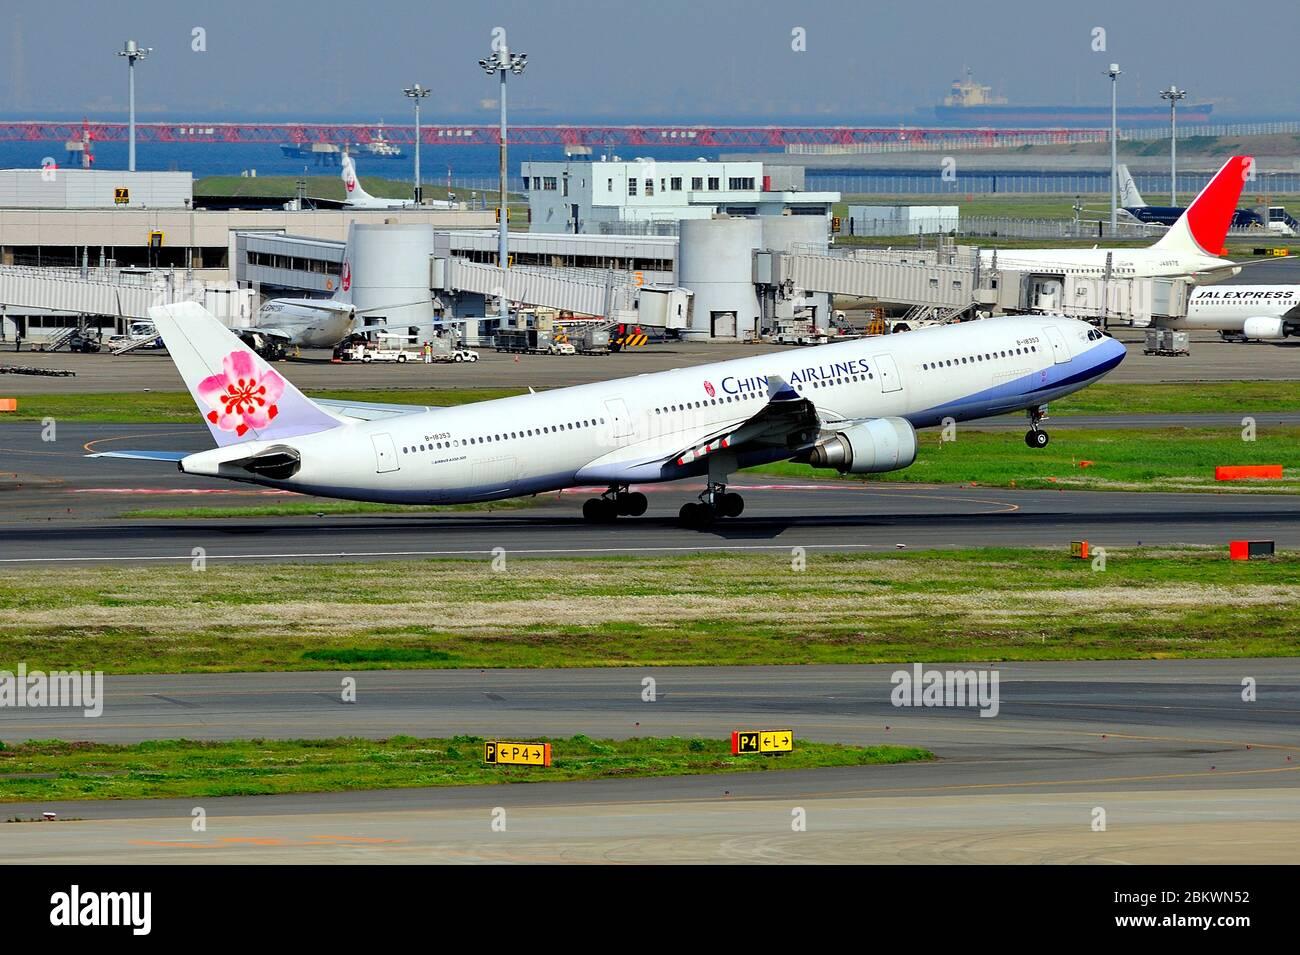 China Airlines, Taiwan, Airbus, A330-300, B-18353, decollo, aeroporto Haneda di Tokyo, Tokyo, Giappone Foto Stock